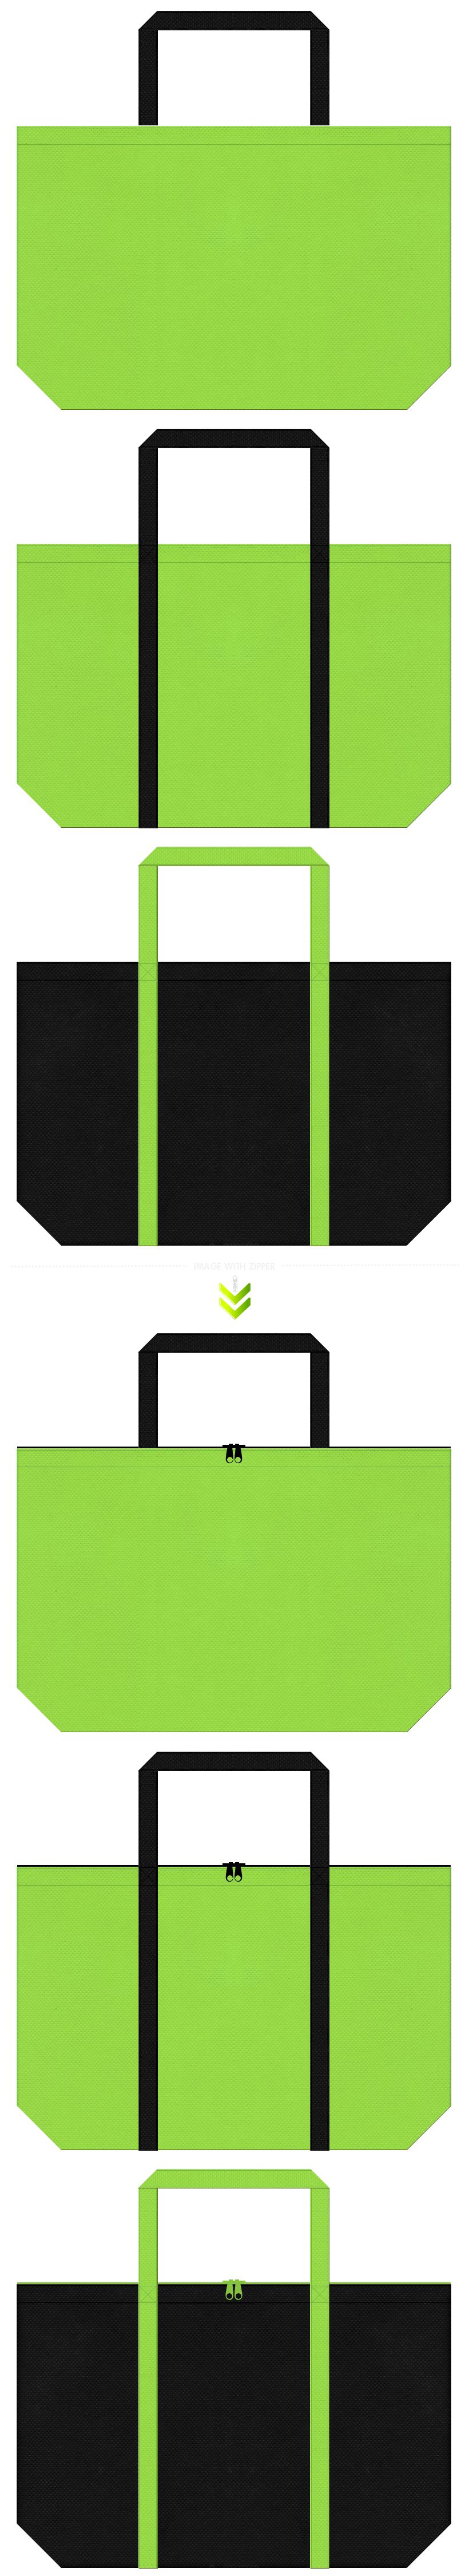 黄緑色と黒色の不織布エコバッグのデザイン。